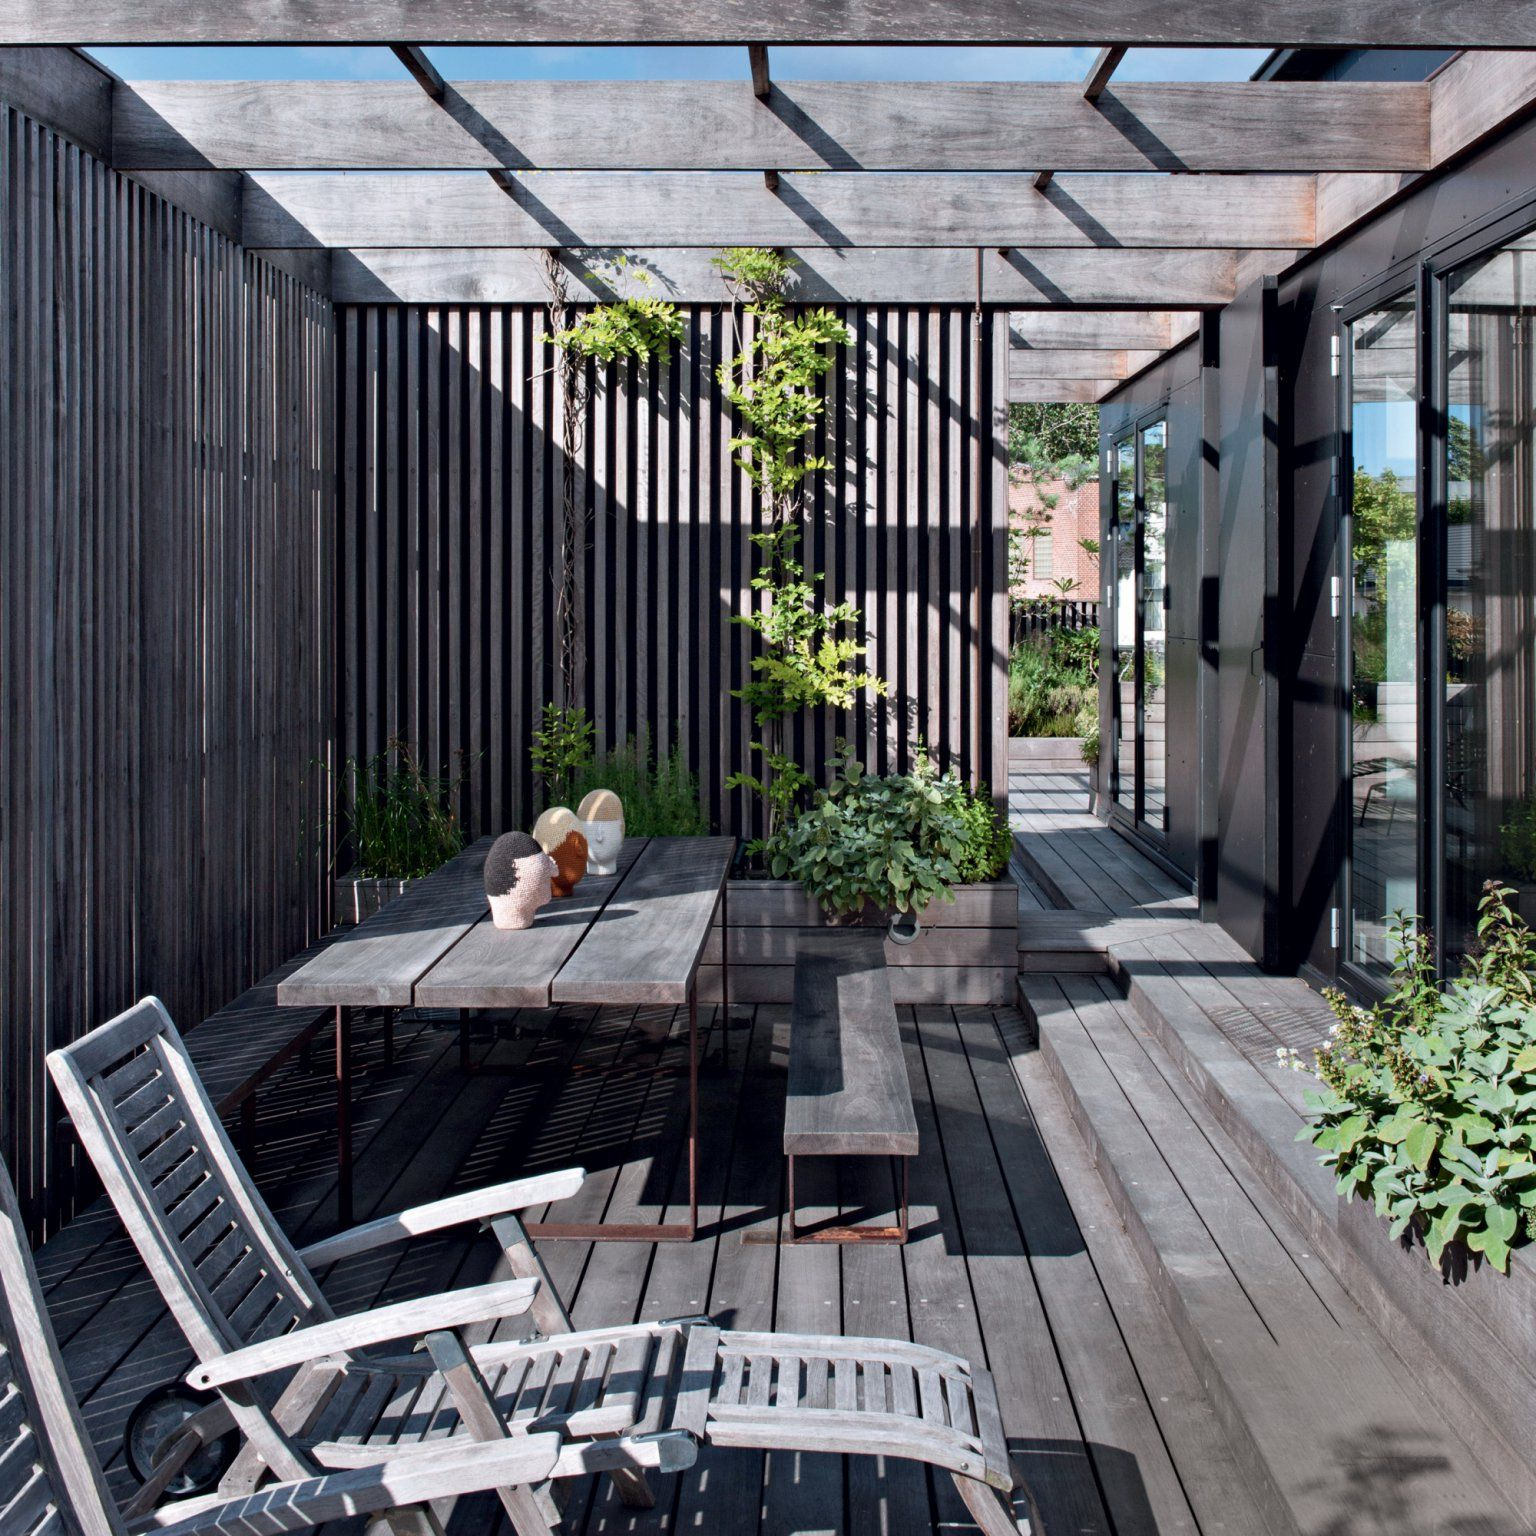 15 Exemples De Terrasses En Bois Irrésistibles | Terrasse ... dedans Toit Terrasse Sans Acrotère